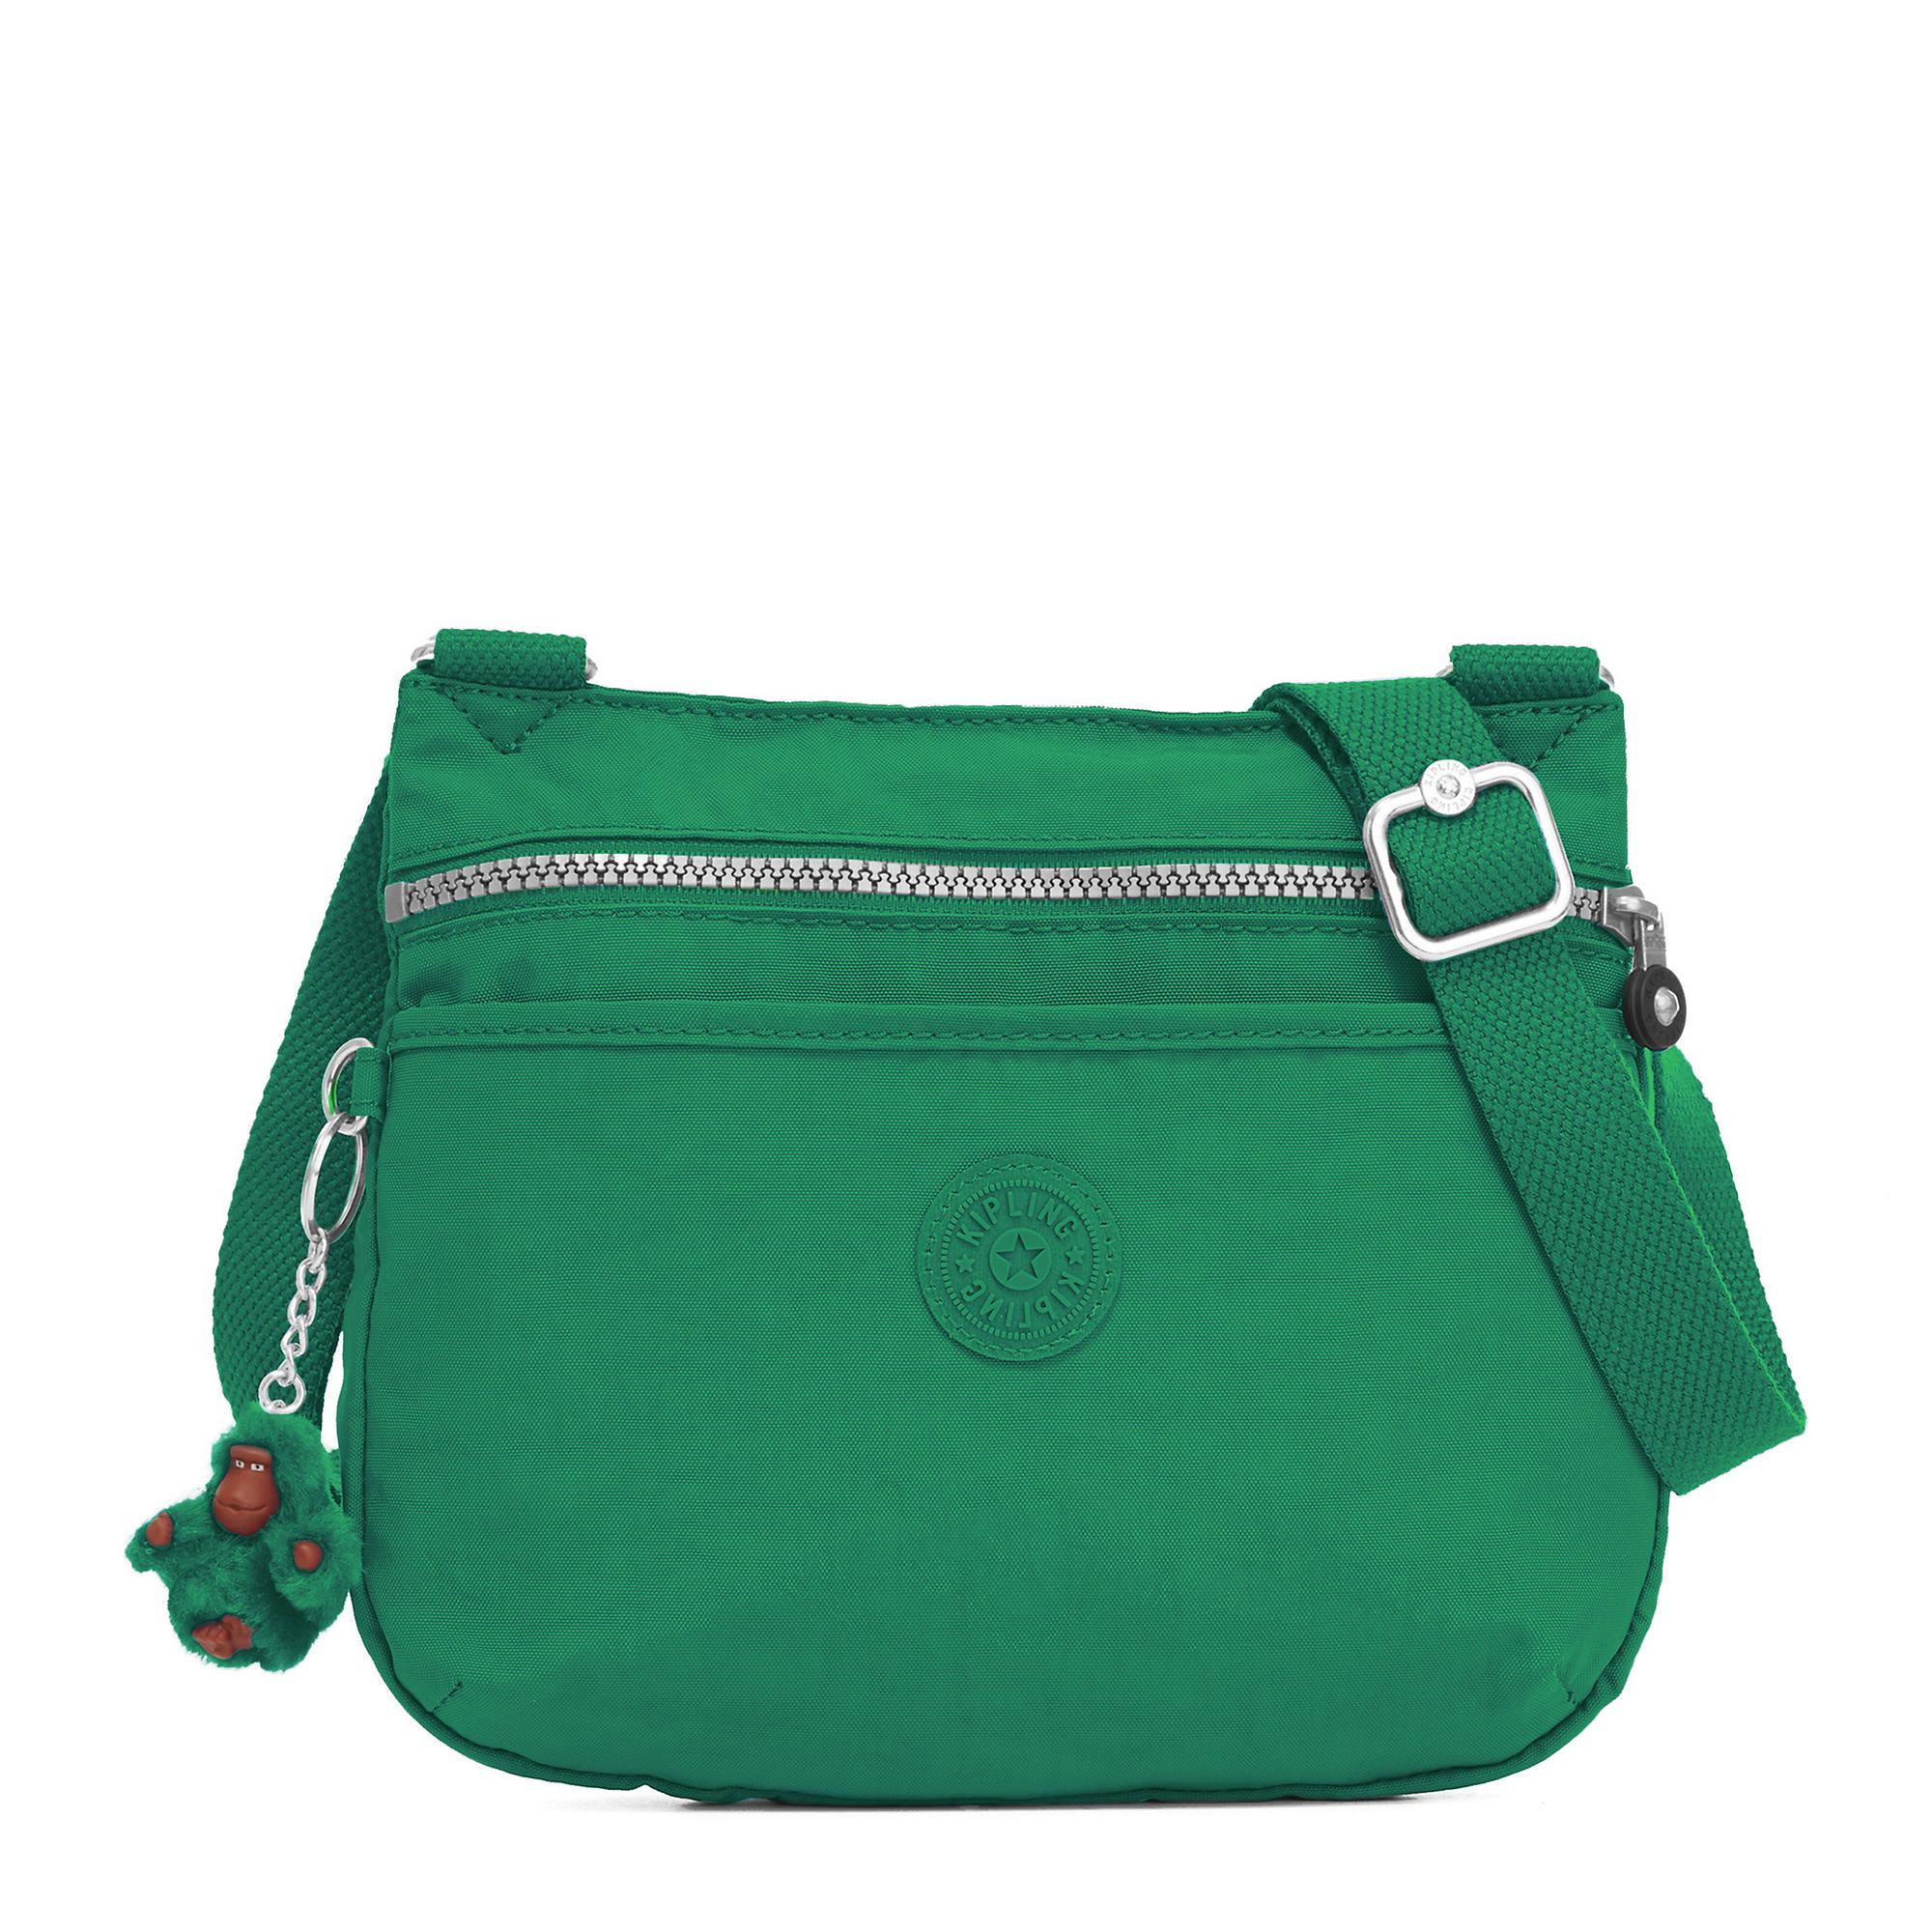 b4c2e9920edc Emmylou Crossbody Bag